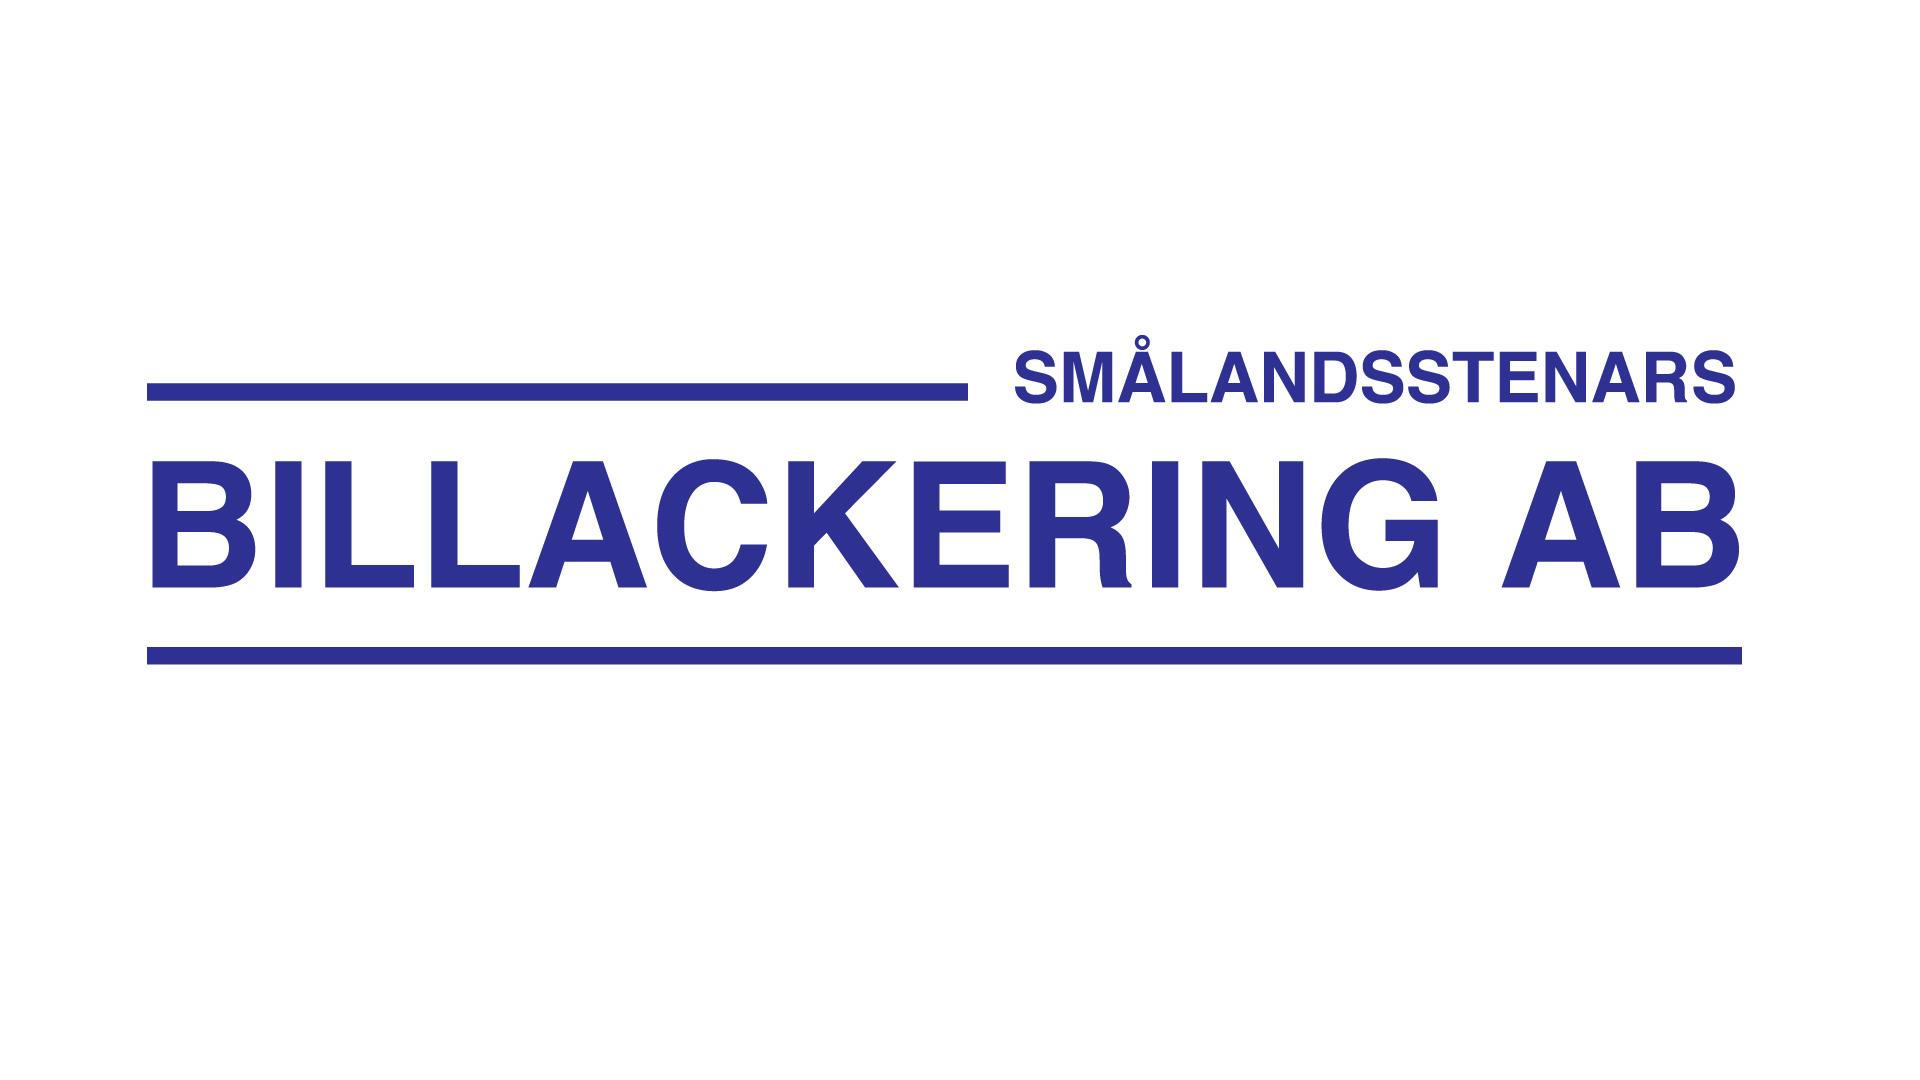 logotyp Smålandsstenars Billackering AB